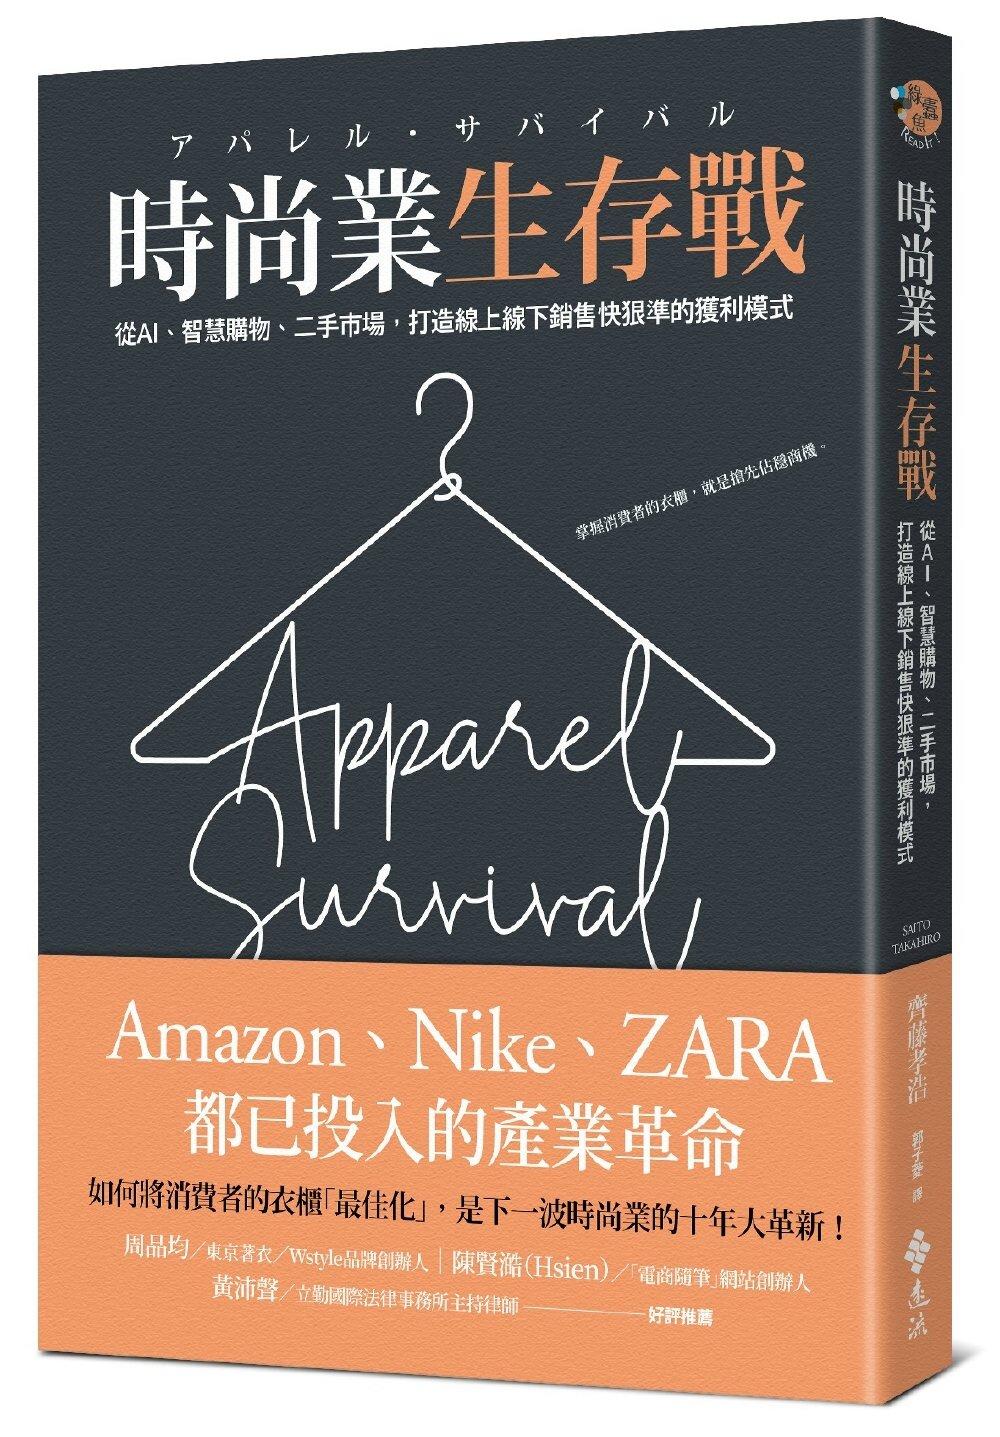 時尚業生存戰:從AI、二手市場、智慧購物,打造線上線下銷售快狠準的獲利模式